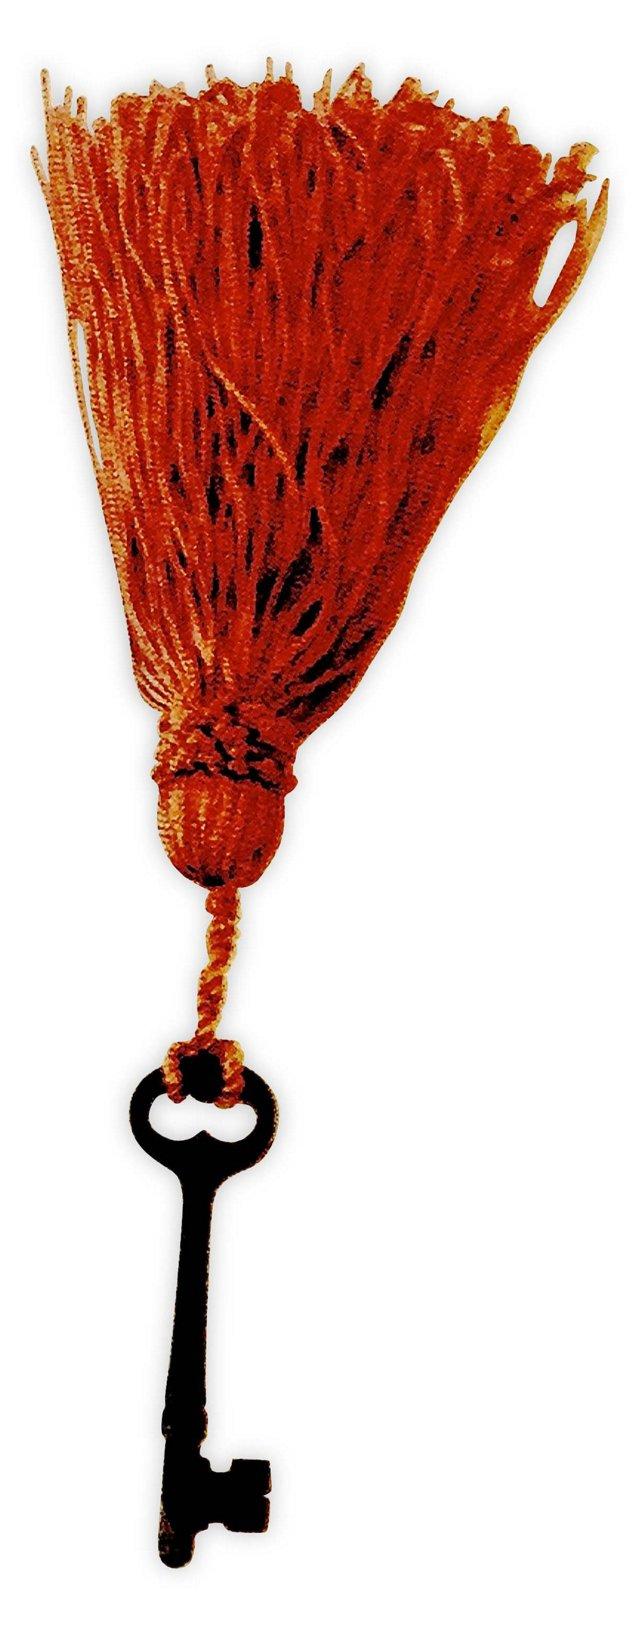 French Tassel w/ Skeleton Key